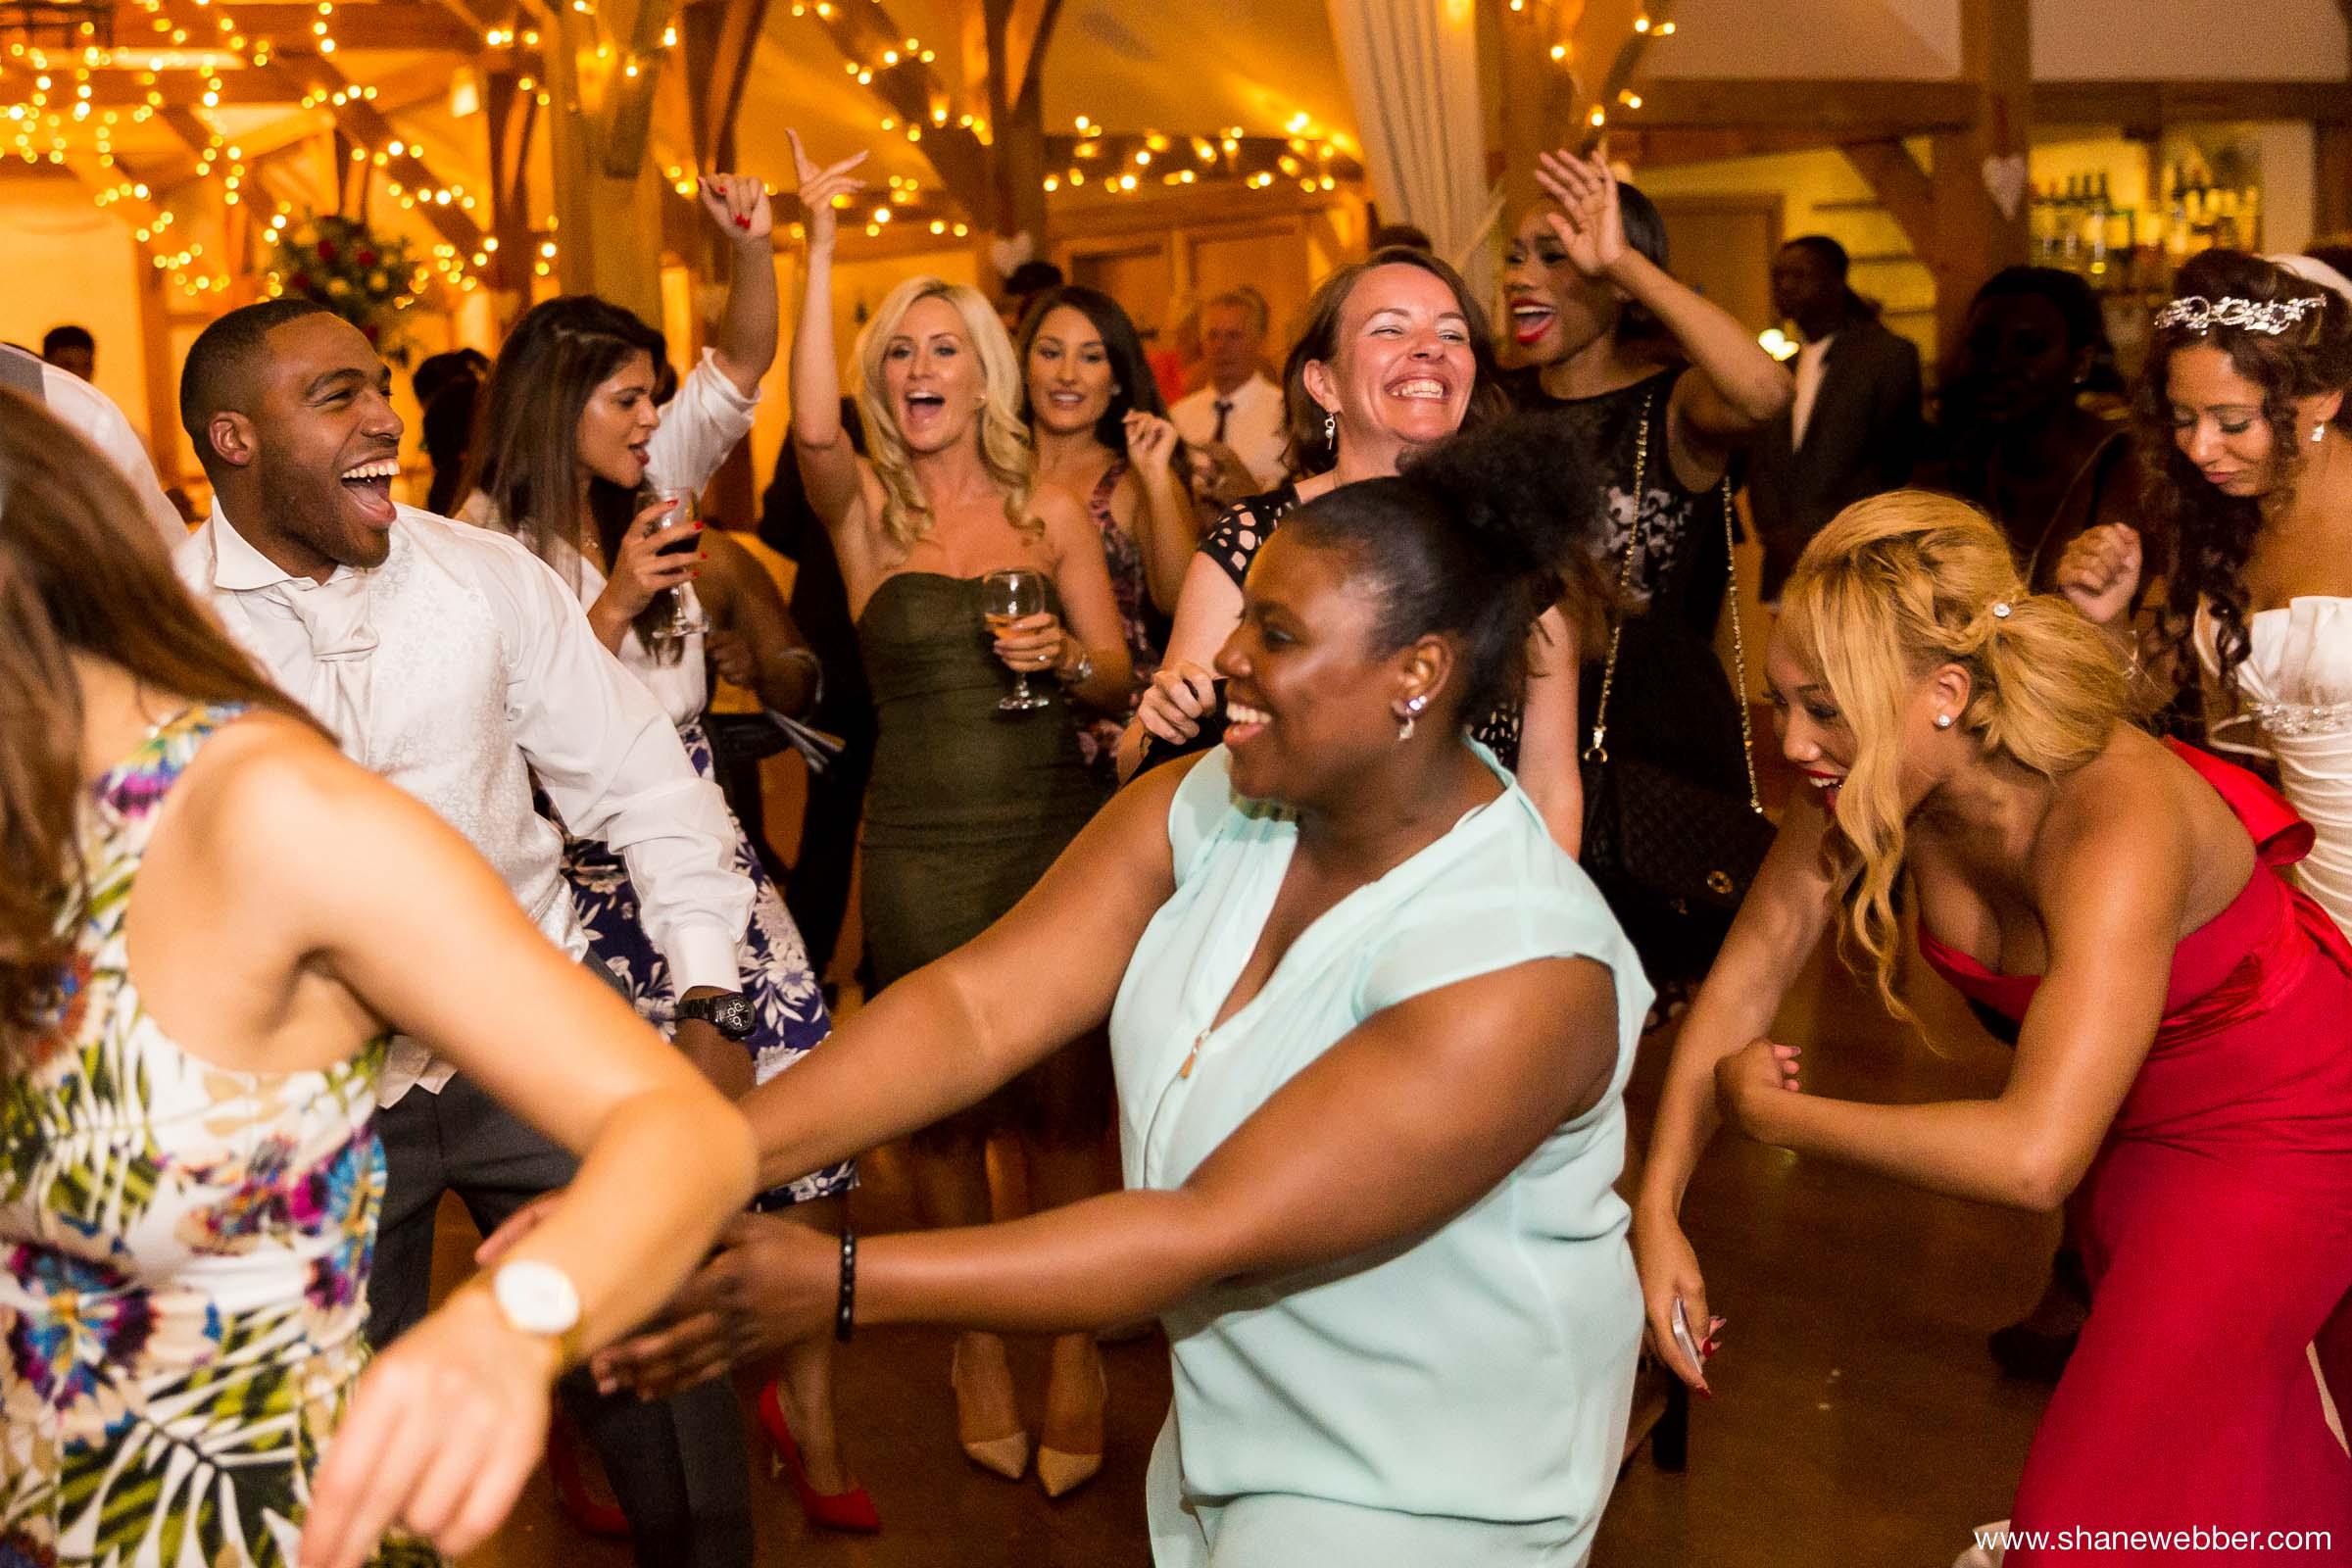 Natural party photos at wedding